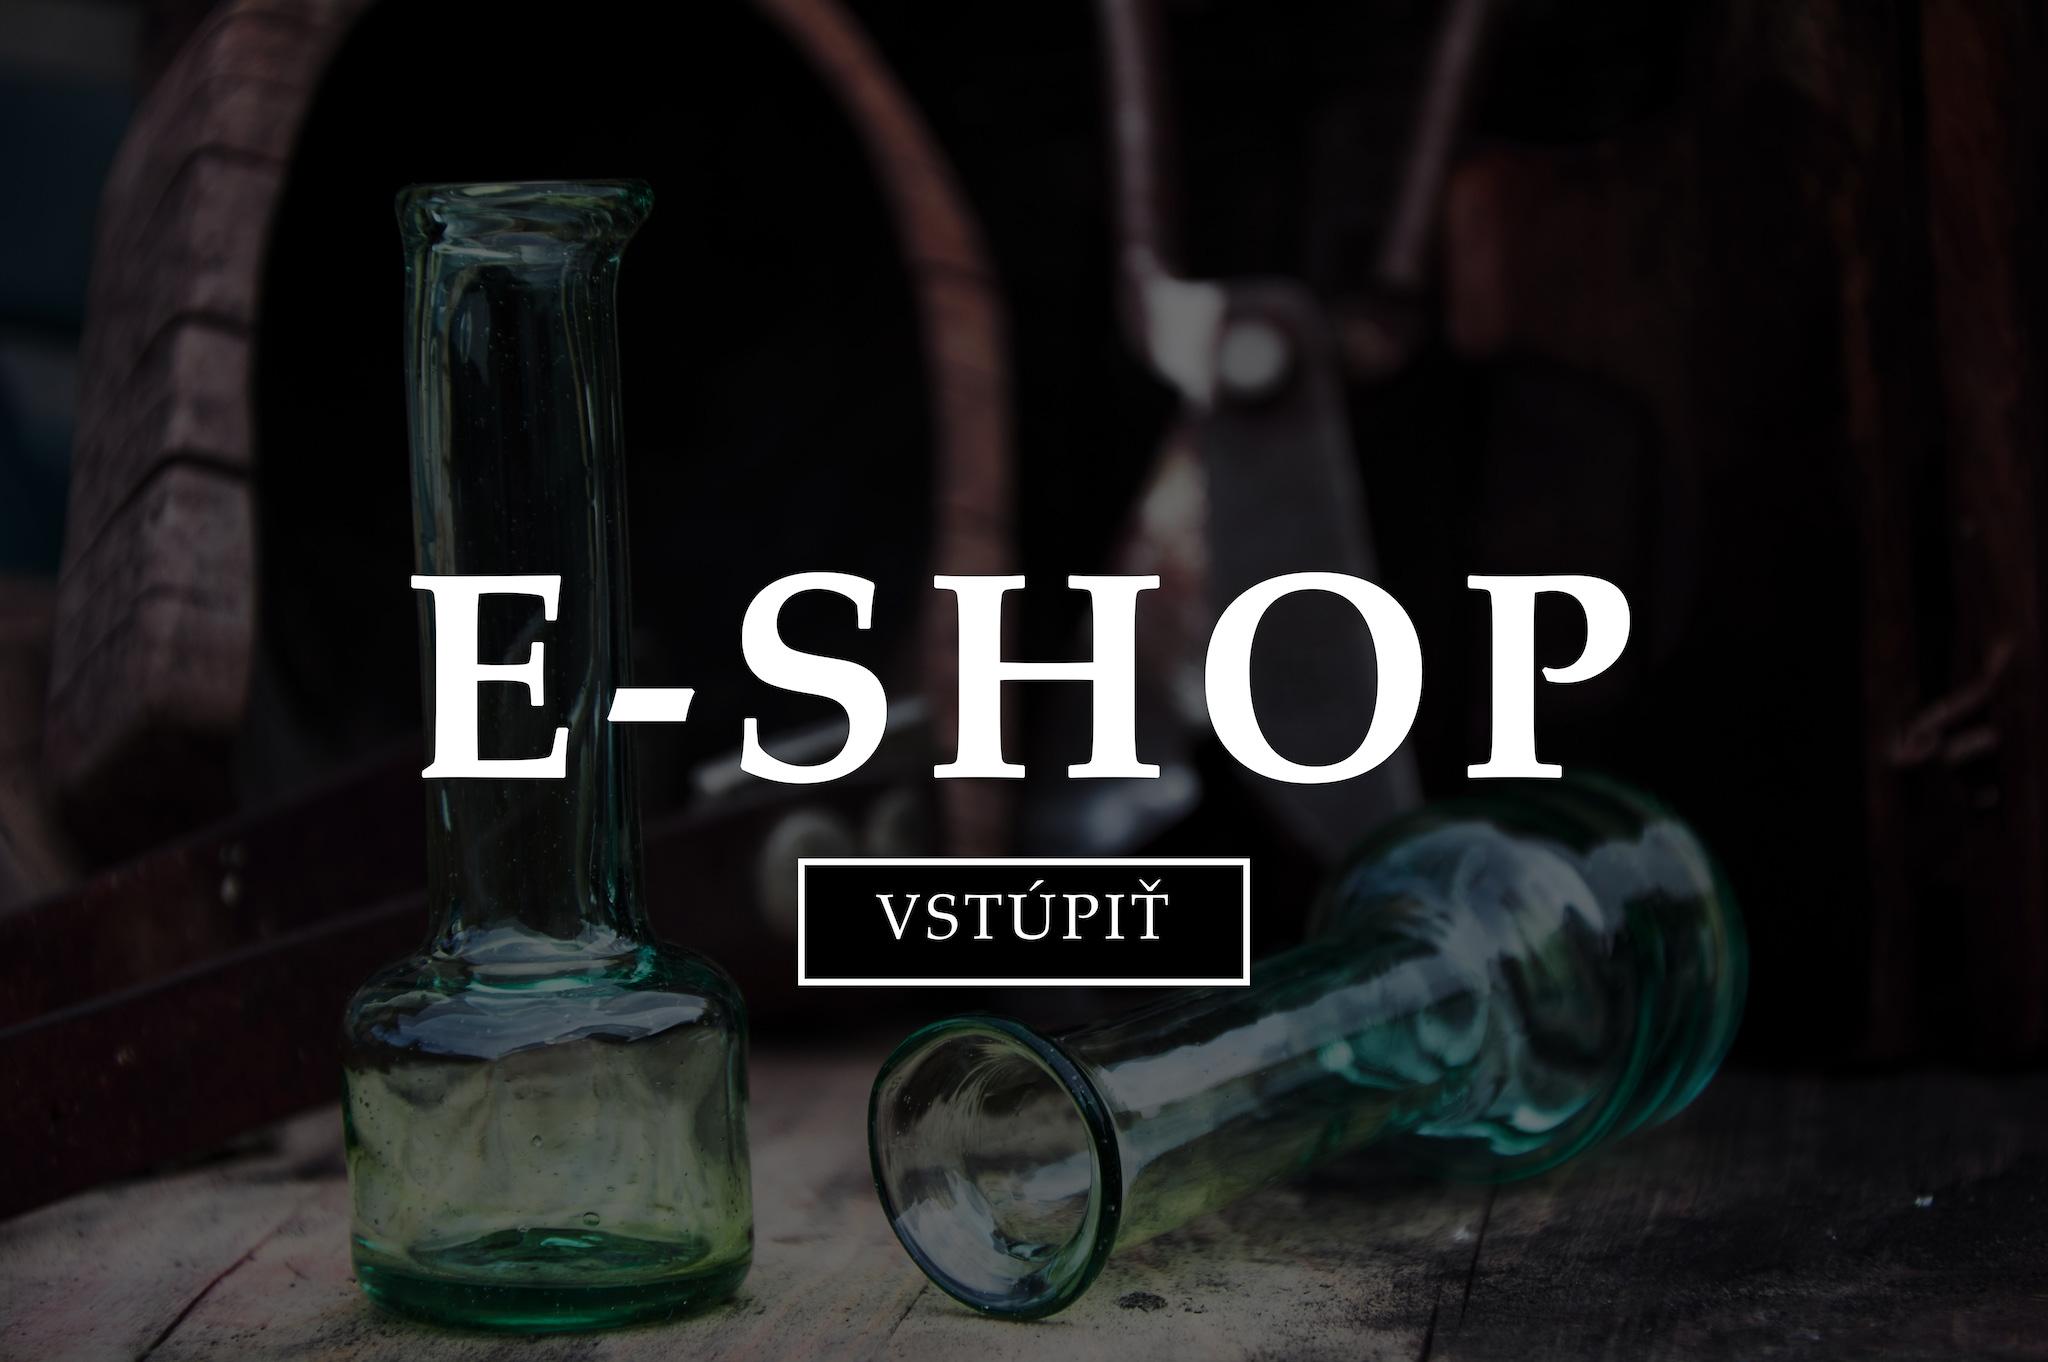 e-shop%20Sklen%C3%BD%20sen%20-%20ru%C4%8Dne%20tvarovan%C3%A9%20a%20f%C3%BAkan%C3%A9%20v%C3%BDrobky